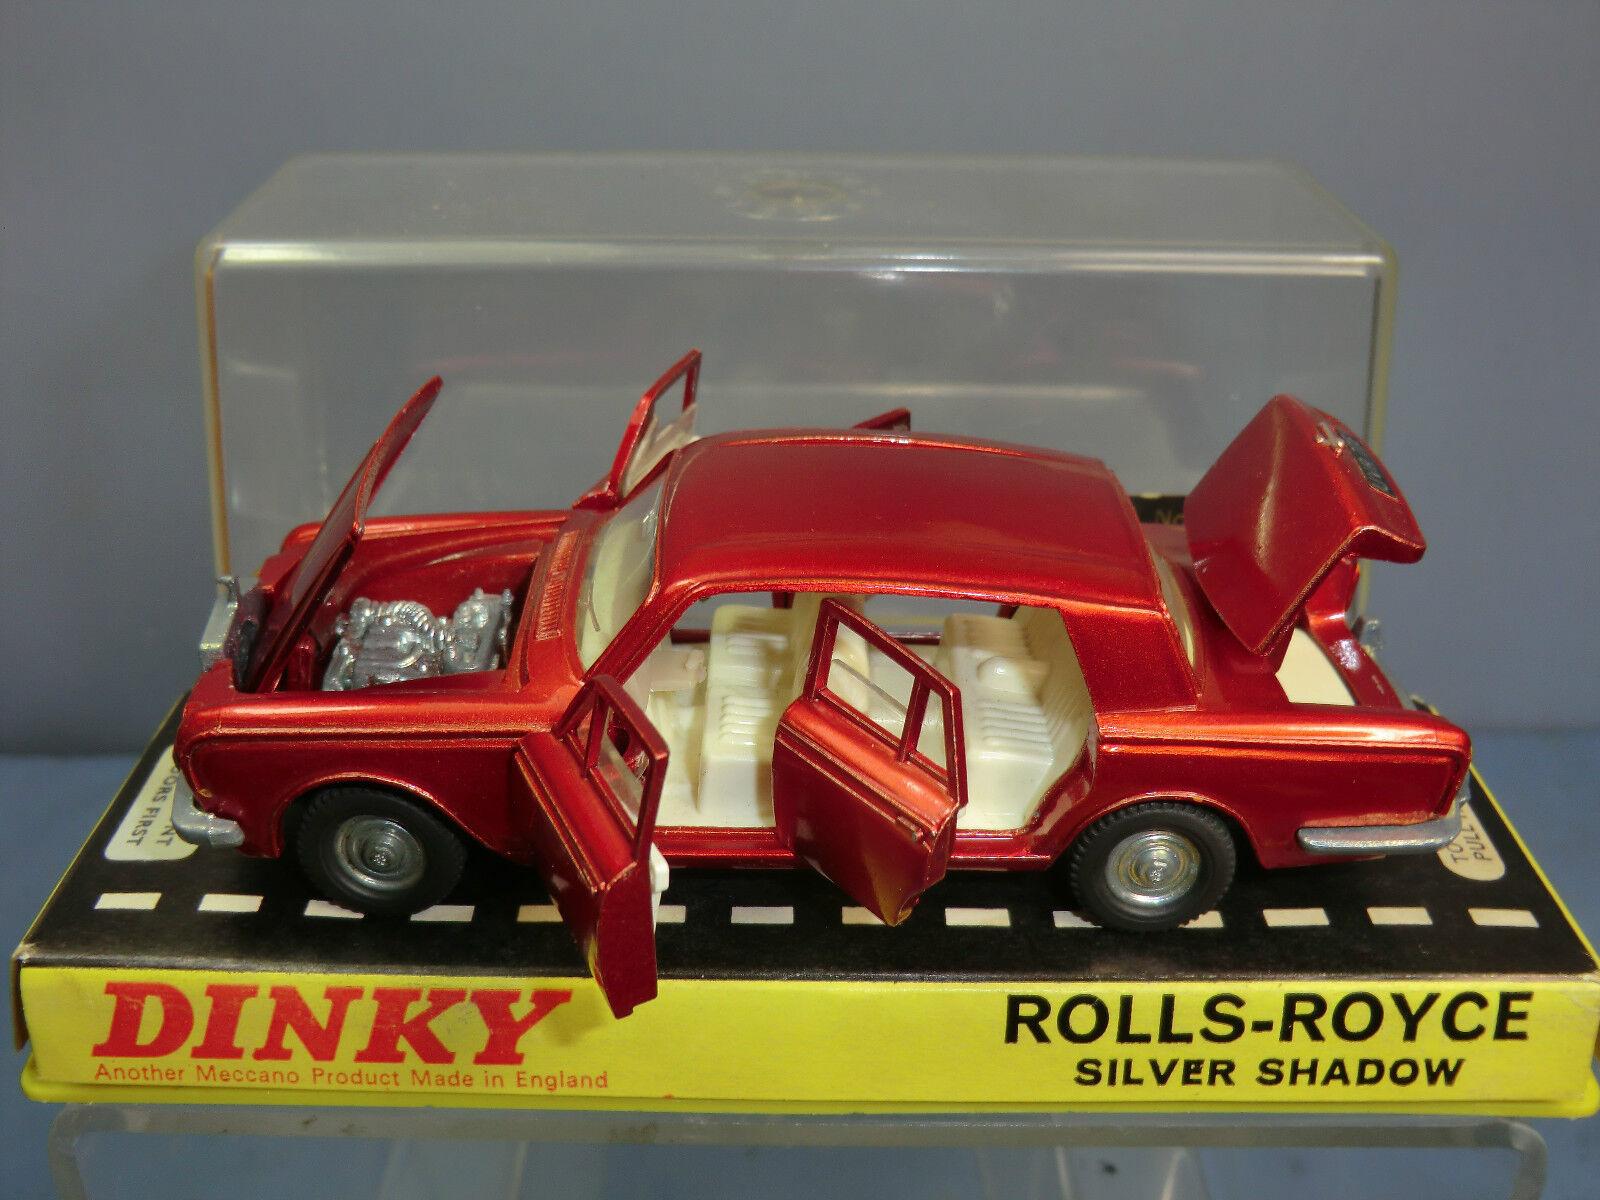 DINKY TOYS MODEL No.158 Rolls Royce Silver Shadow LIMOUSINE LIMOUSINE LIMOUSINE (Red Version) En parfait état, dans sa boîte | Brillance De Couleur  5f7fec